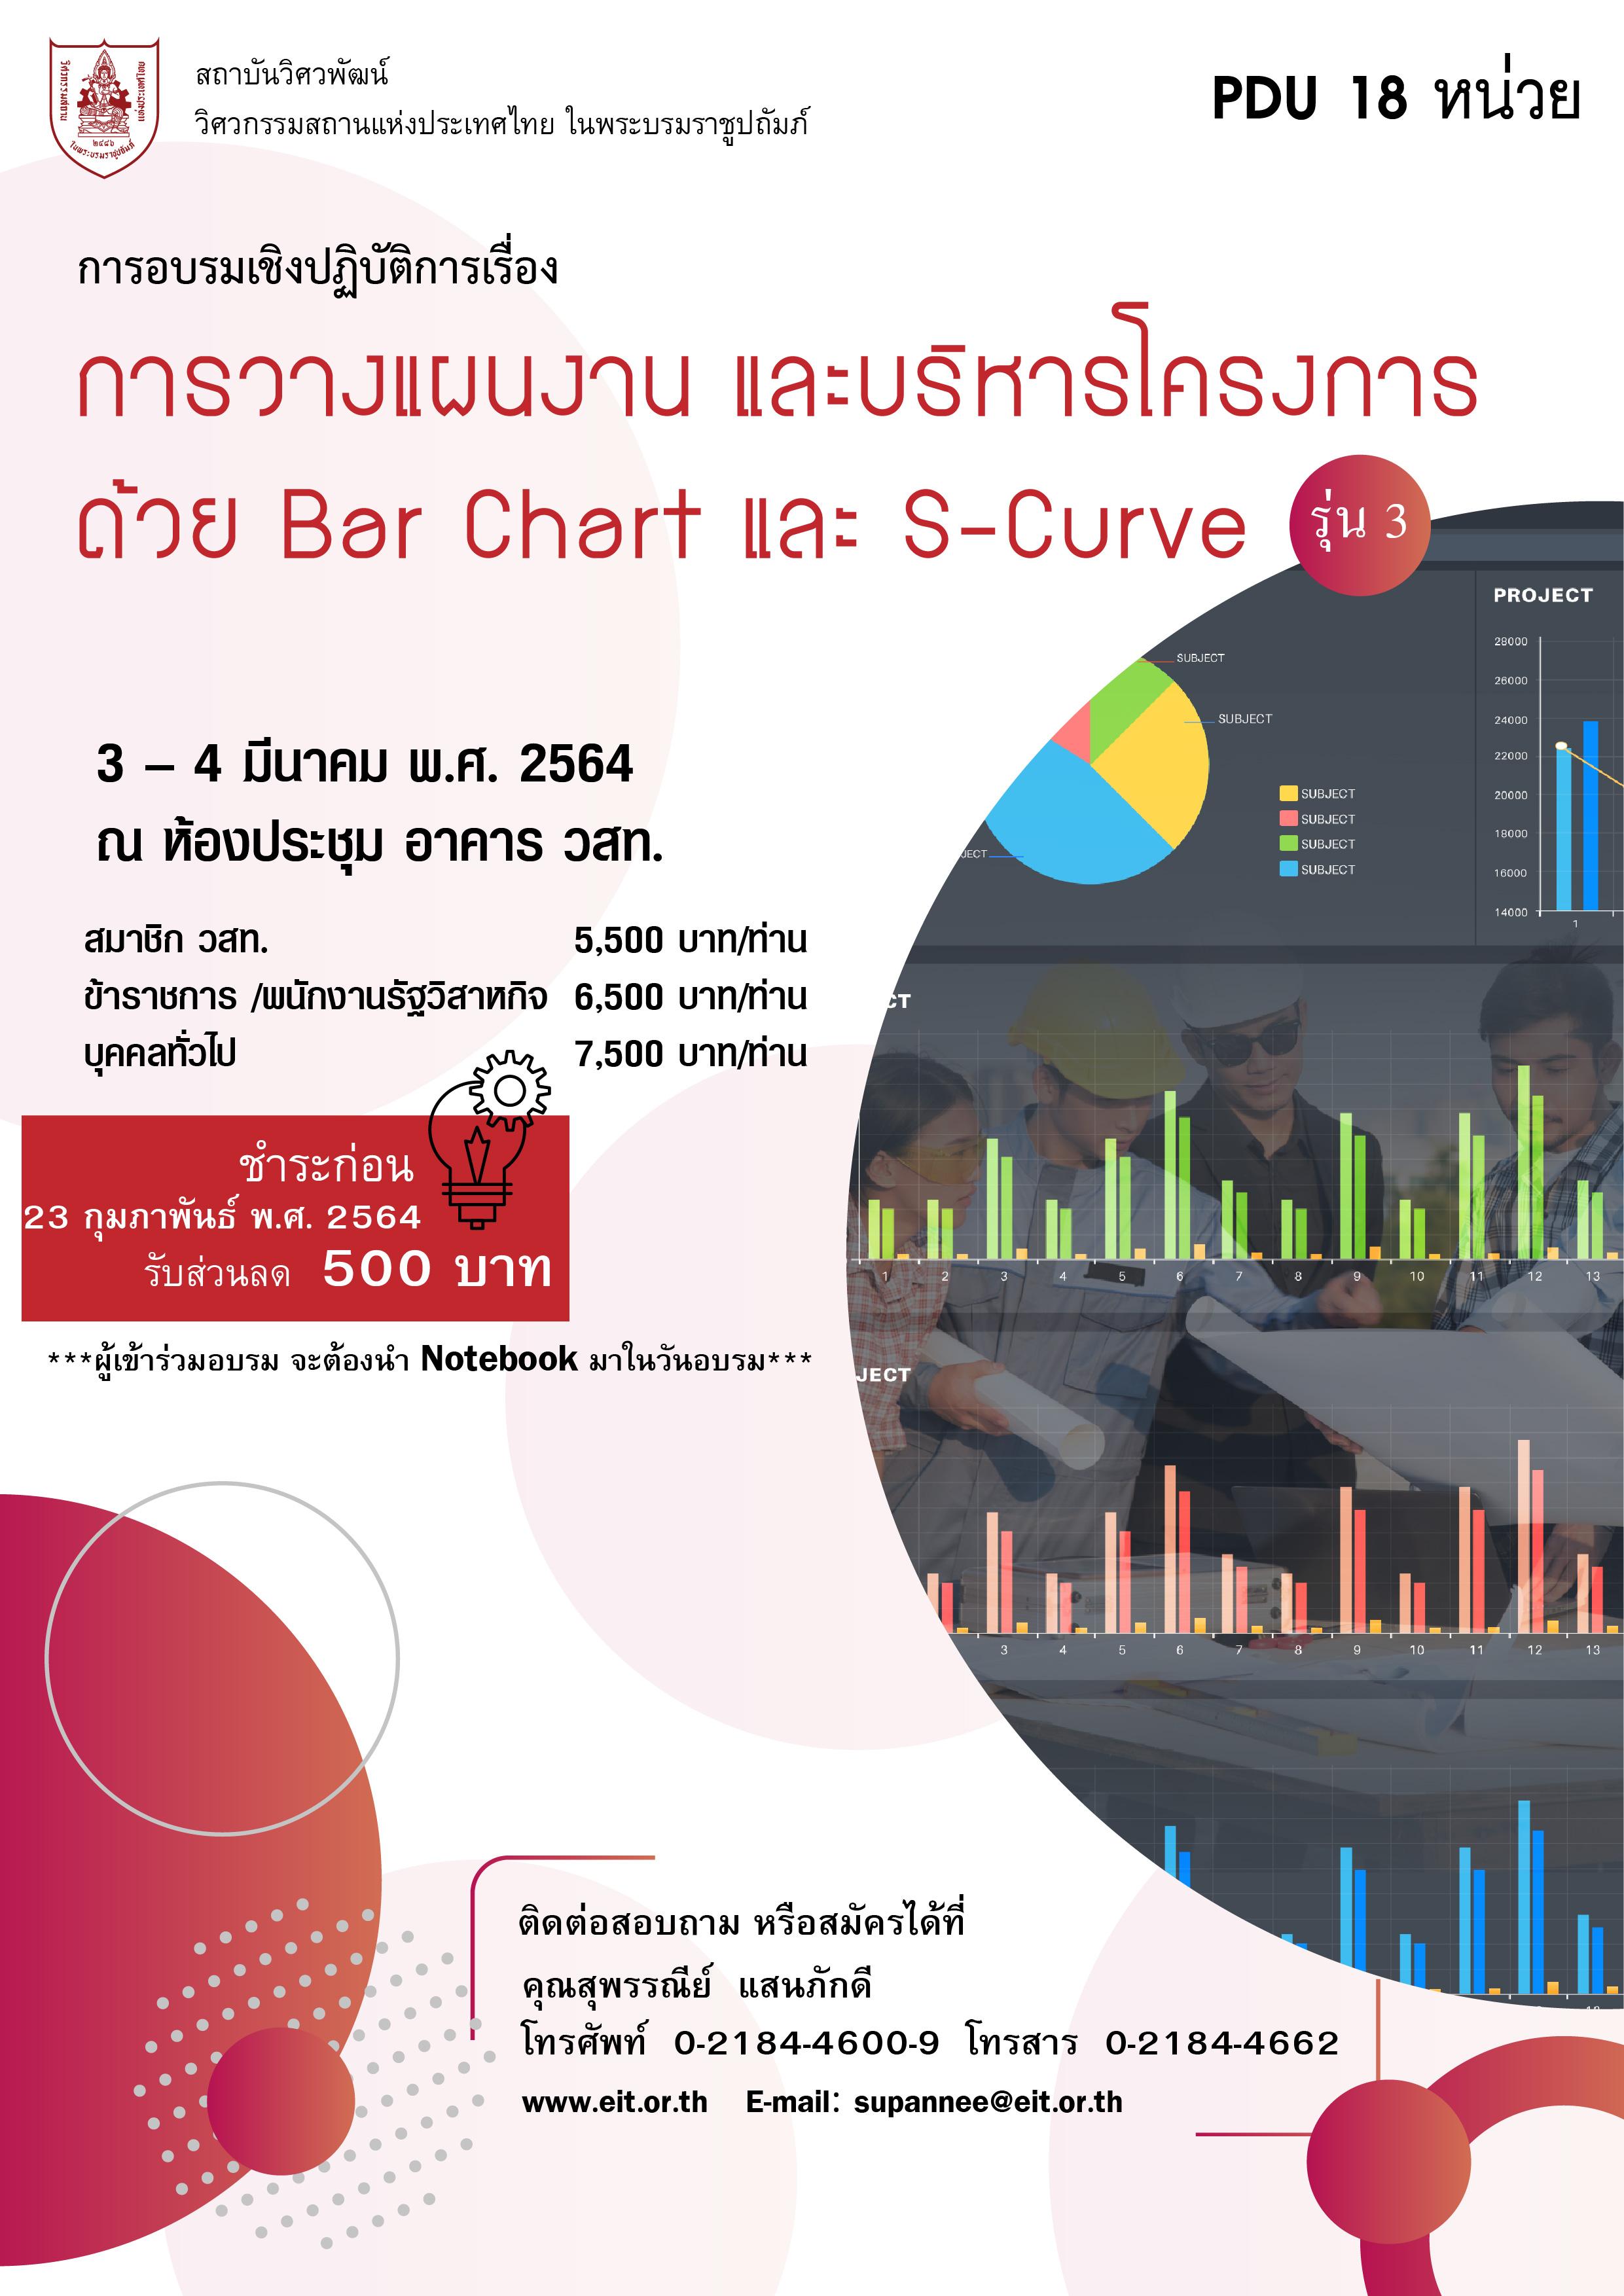 3-4/03/2564 การอบรมเชิงปฏิบัติการเรื่อง การวางแผนงานและบริหารโครงการด้วย Bar Chart และ S-Curve รุ่นที่ 3